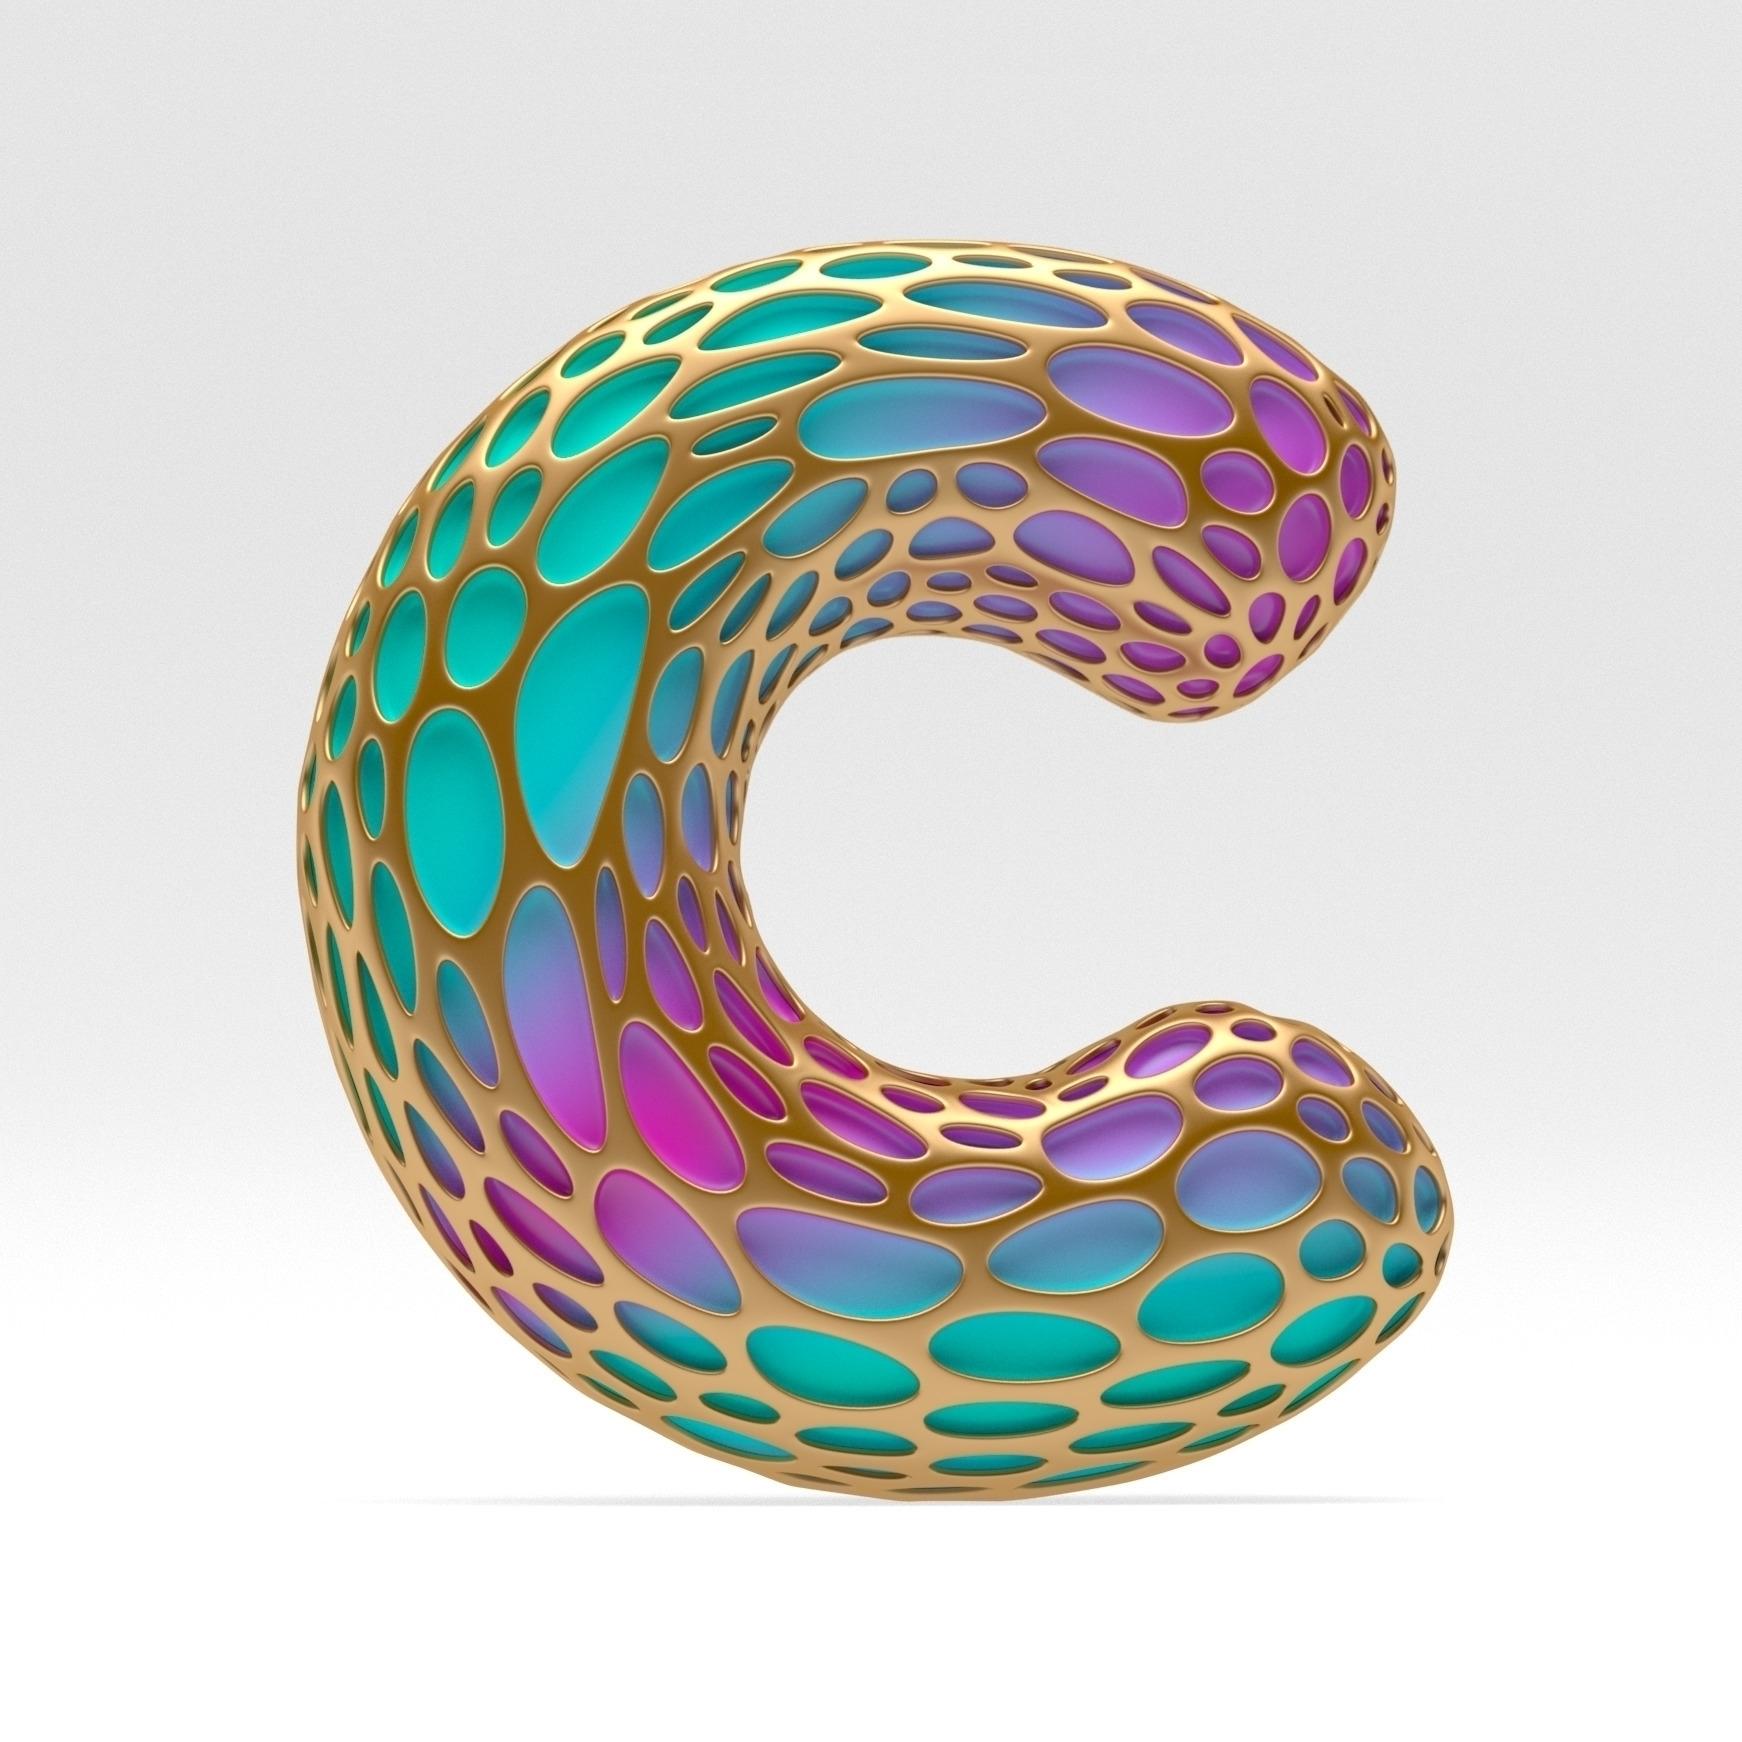 Letter - c4d, 3d, render, arnold - noahcamp | ello